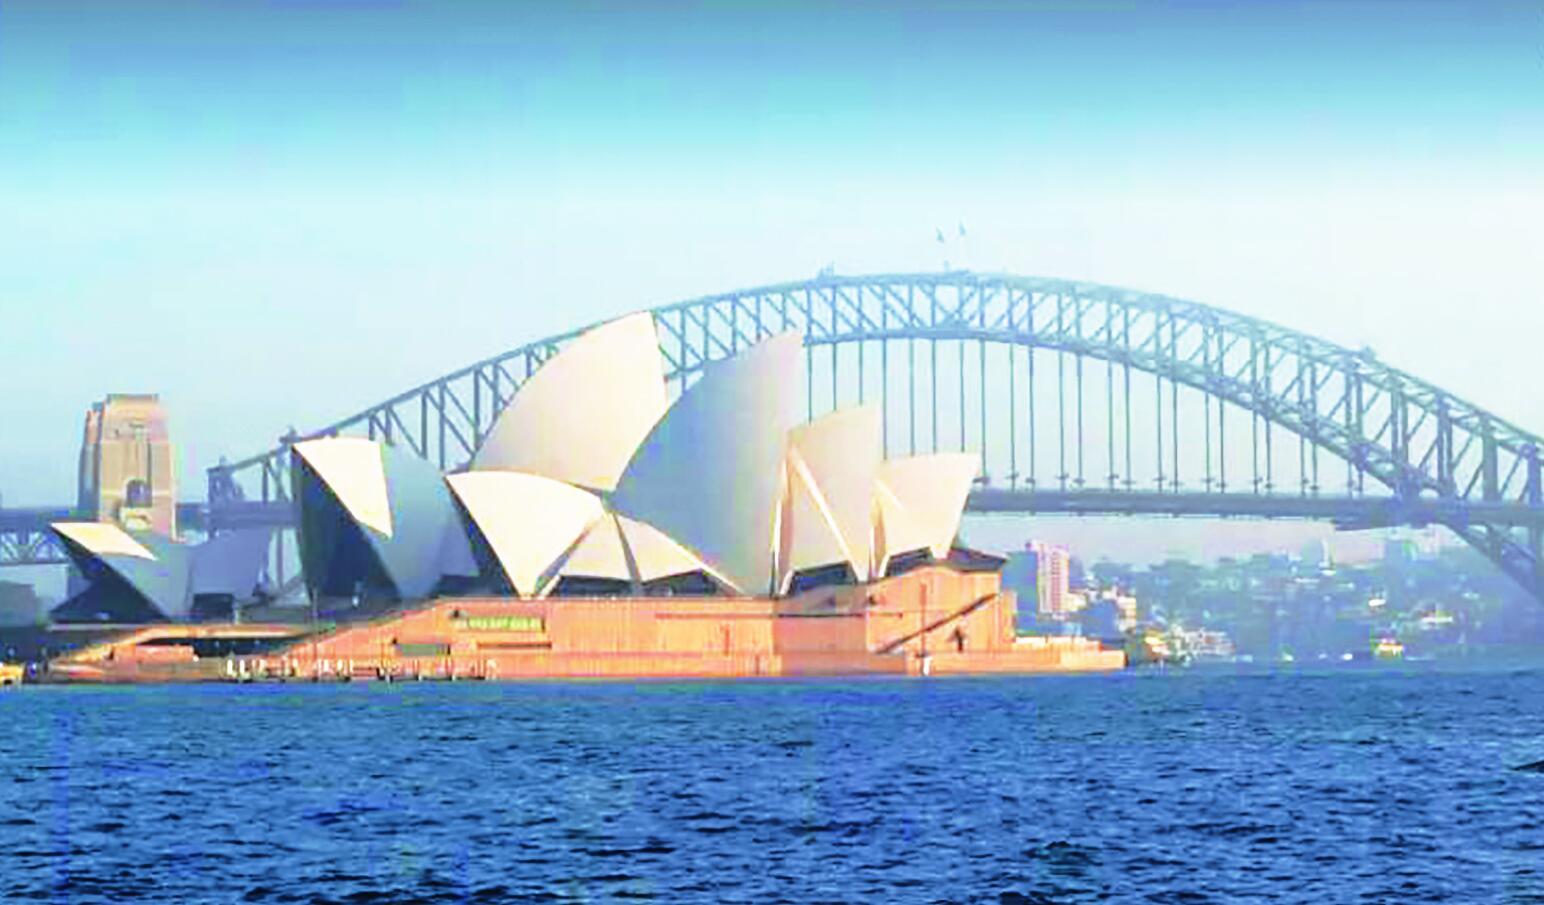 海外游客为澳带来400多亿澳元收入 中国游客贡献大